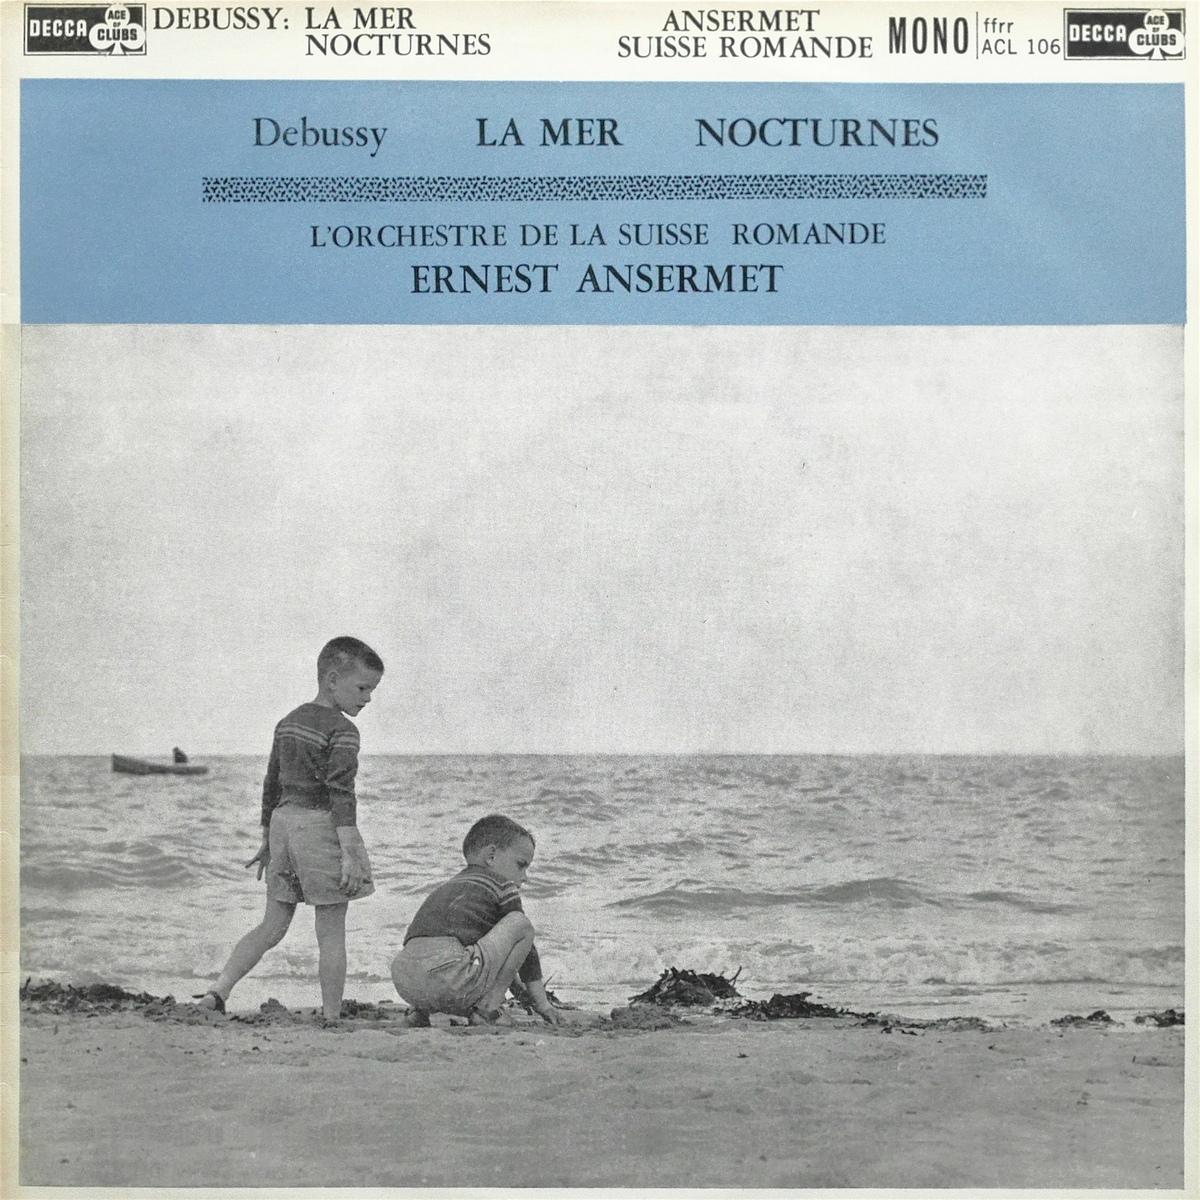 Recto de la pochette du disque Decca ACL 106, cliquer pour plus d'infos